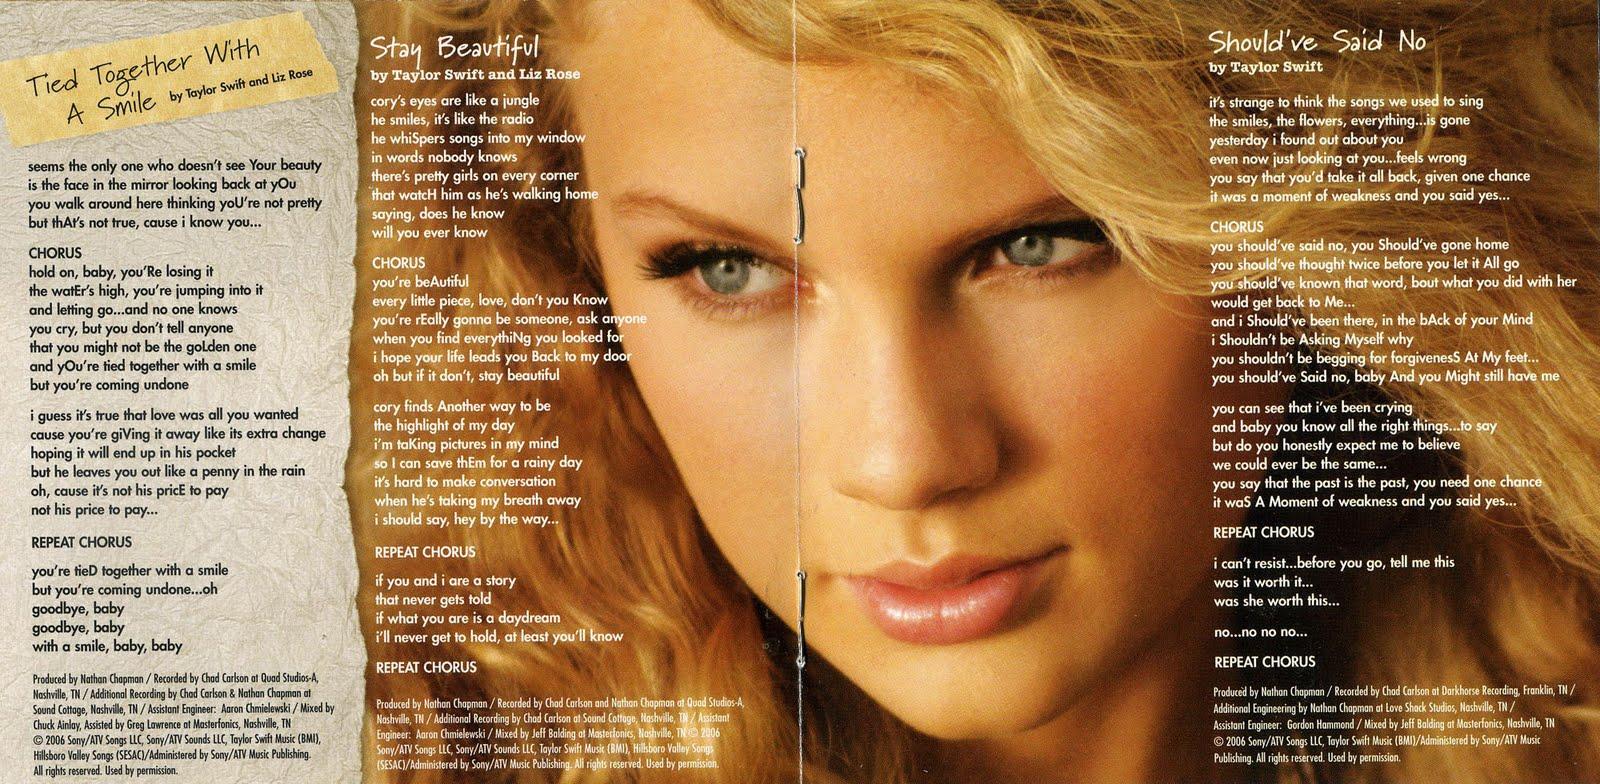 http://3.bp.blogspot.com/-5HBMdF8OSmE/Tao7g9bb_fI/AAAAAAAAUGE/SwTtYbVd6gY/s1600/Taylor%2BSwift%2B-%2BTaylor%2BSwift%2B-%2BBooklet%2B%25283-5%2529.jpg